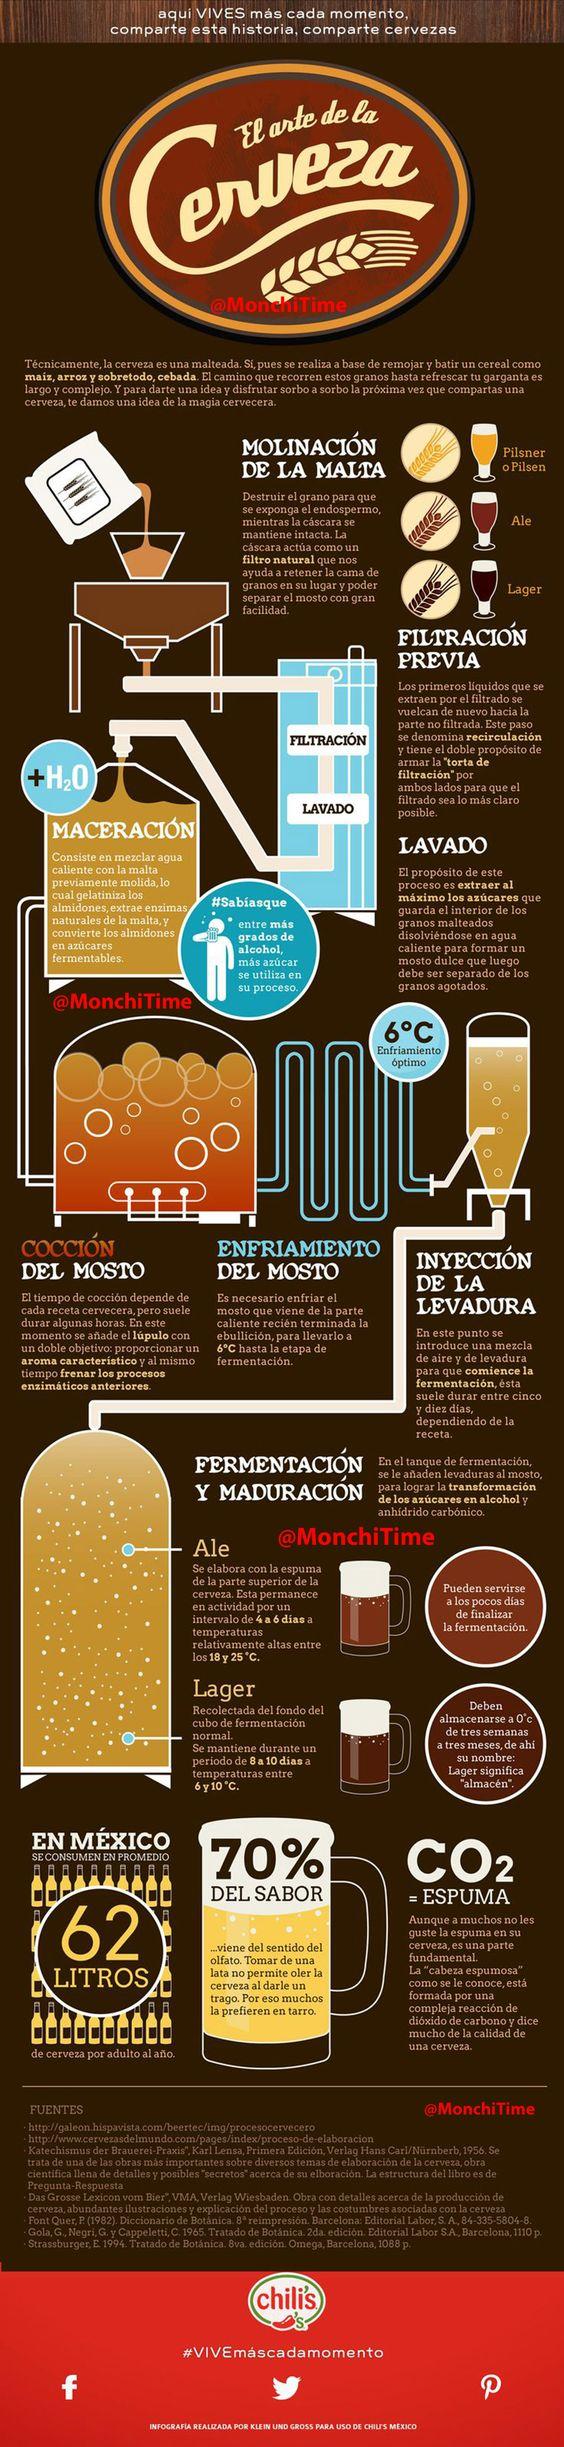 MonchiTime Infografía de La Cerveza